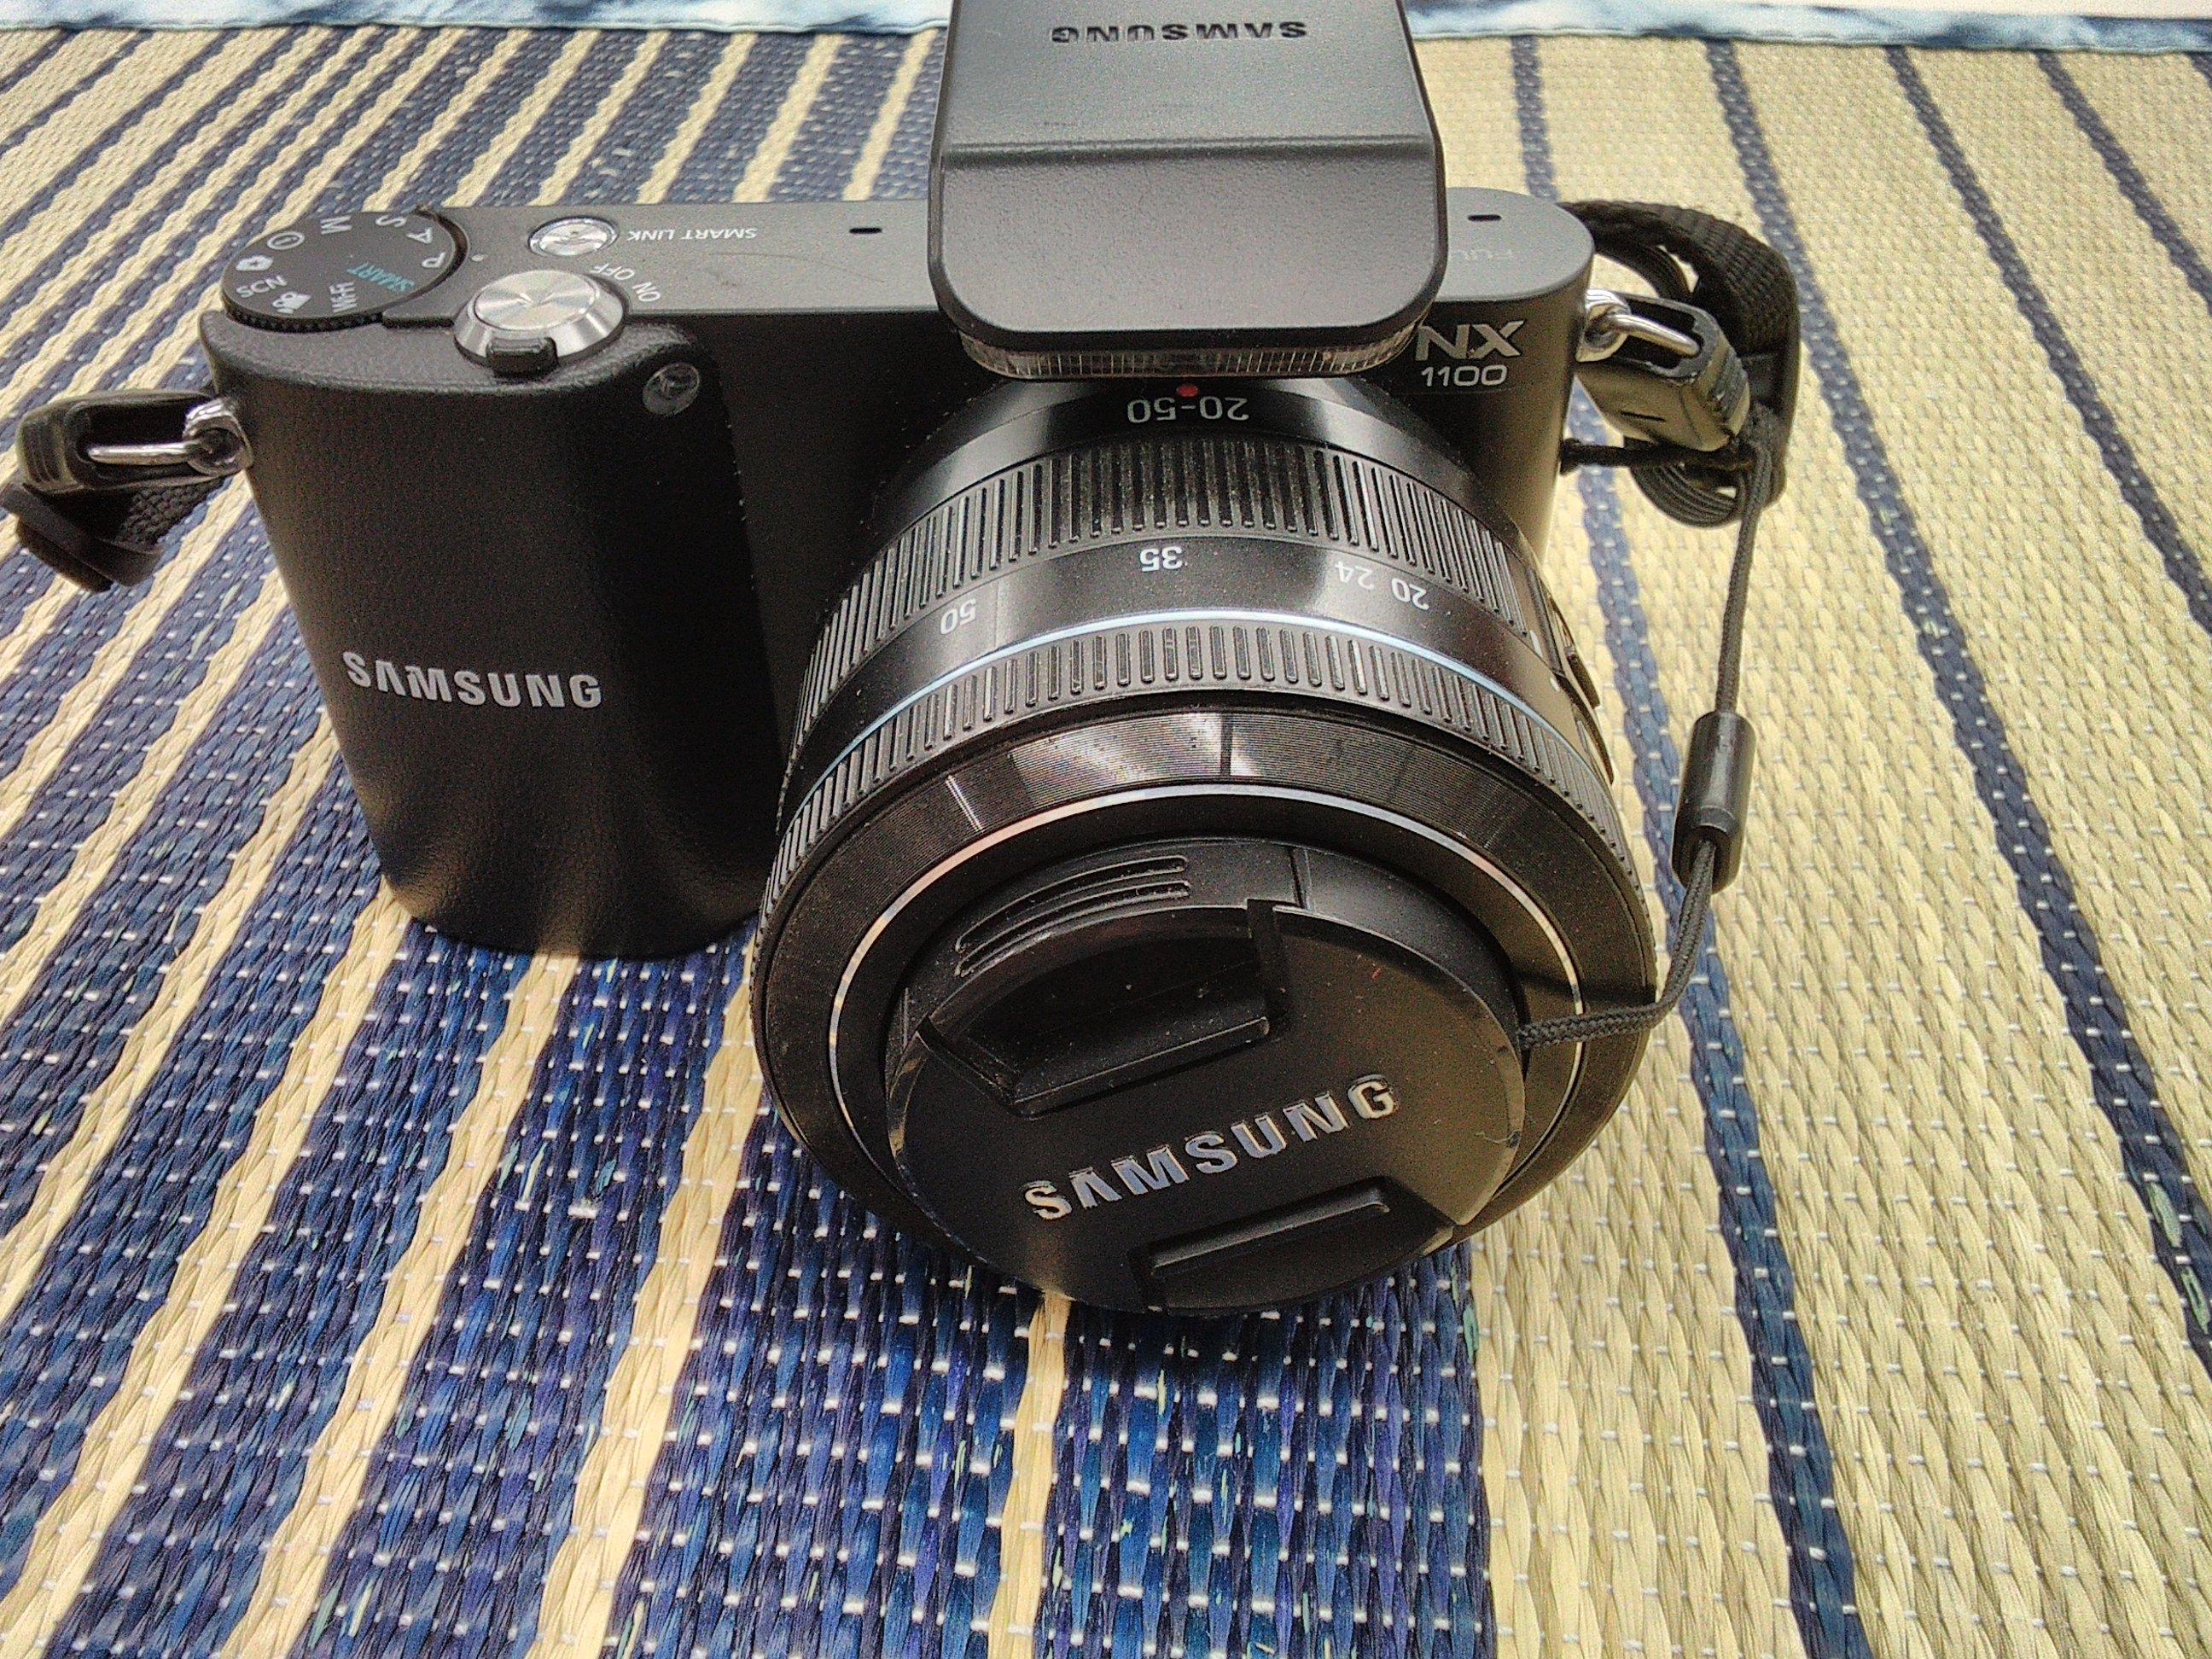 ミラーレス一眼レフカメラ|SAMSUNG